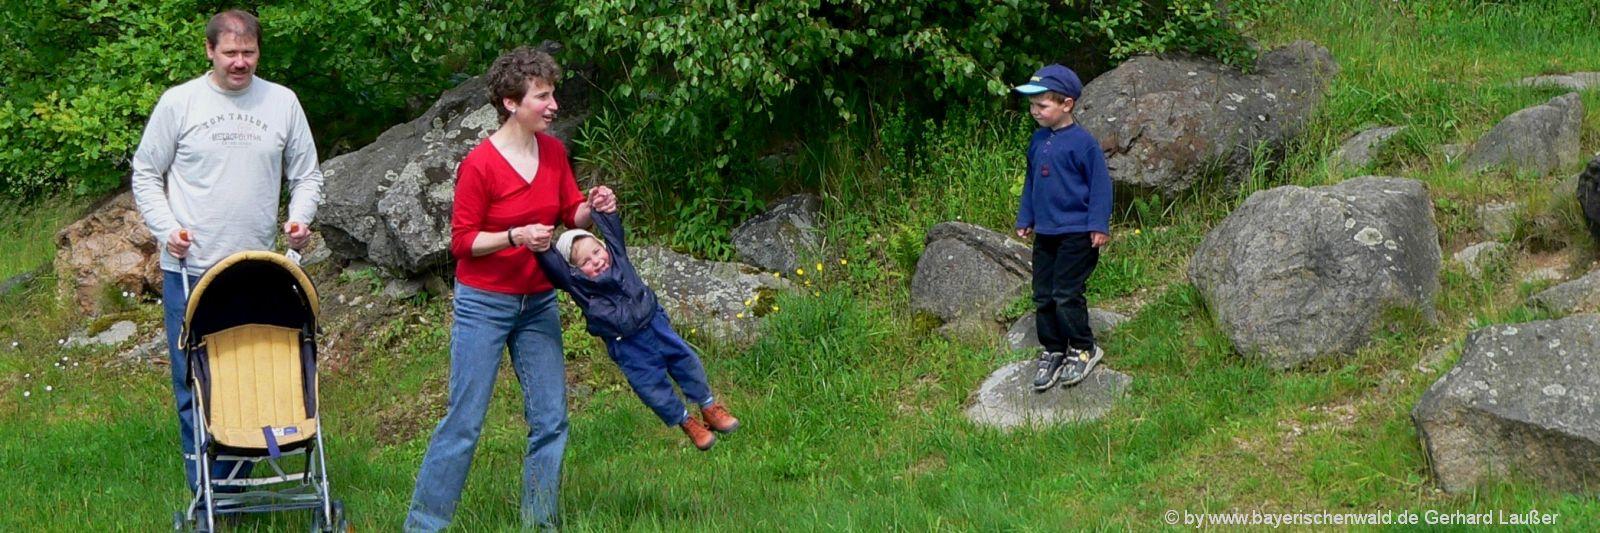 Erlebnisreicher Urlaub am Familienbauernhof